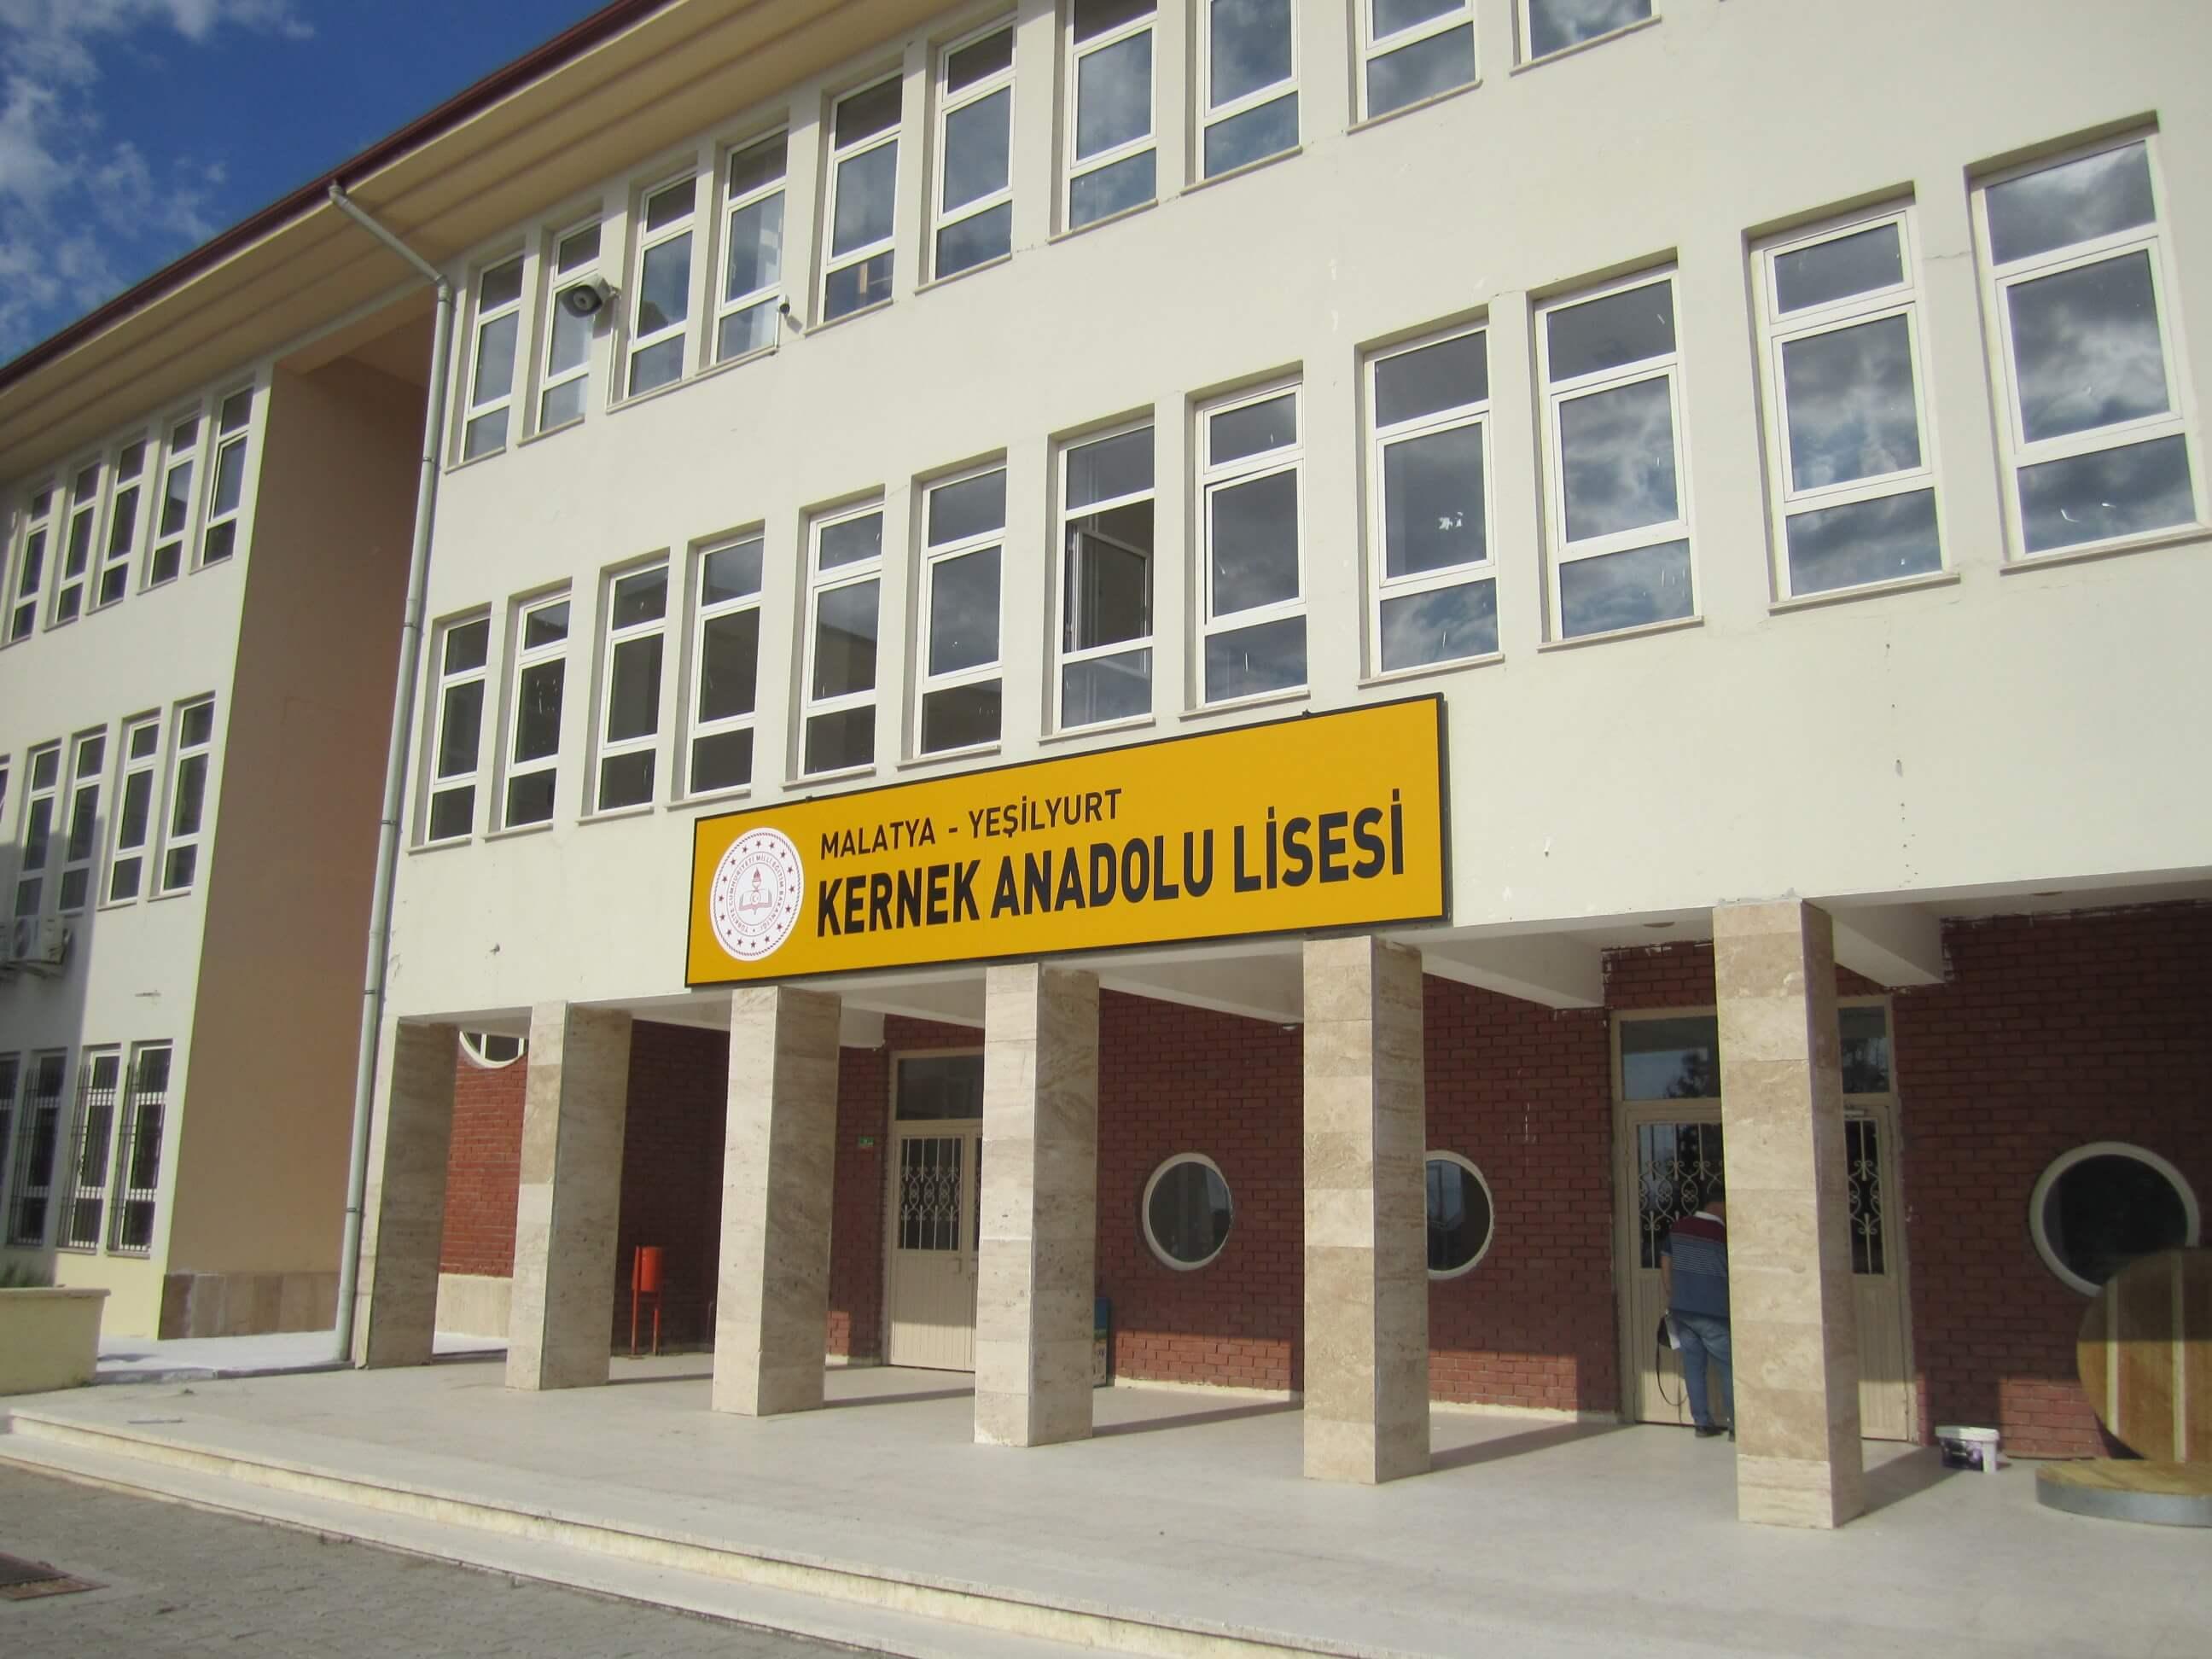 Kernek Anadolu Lisesi